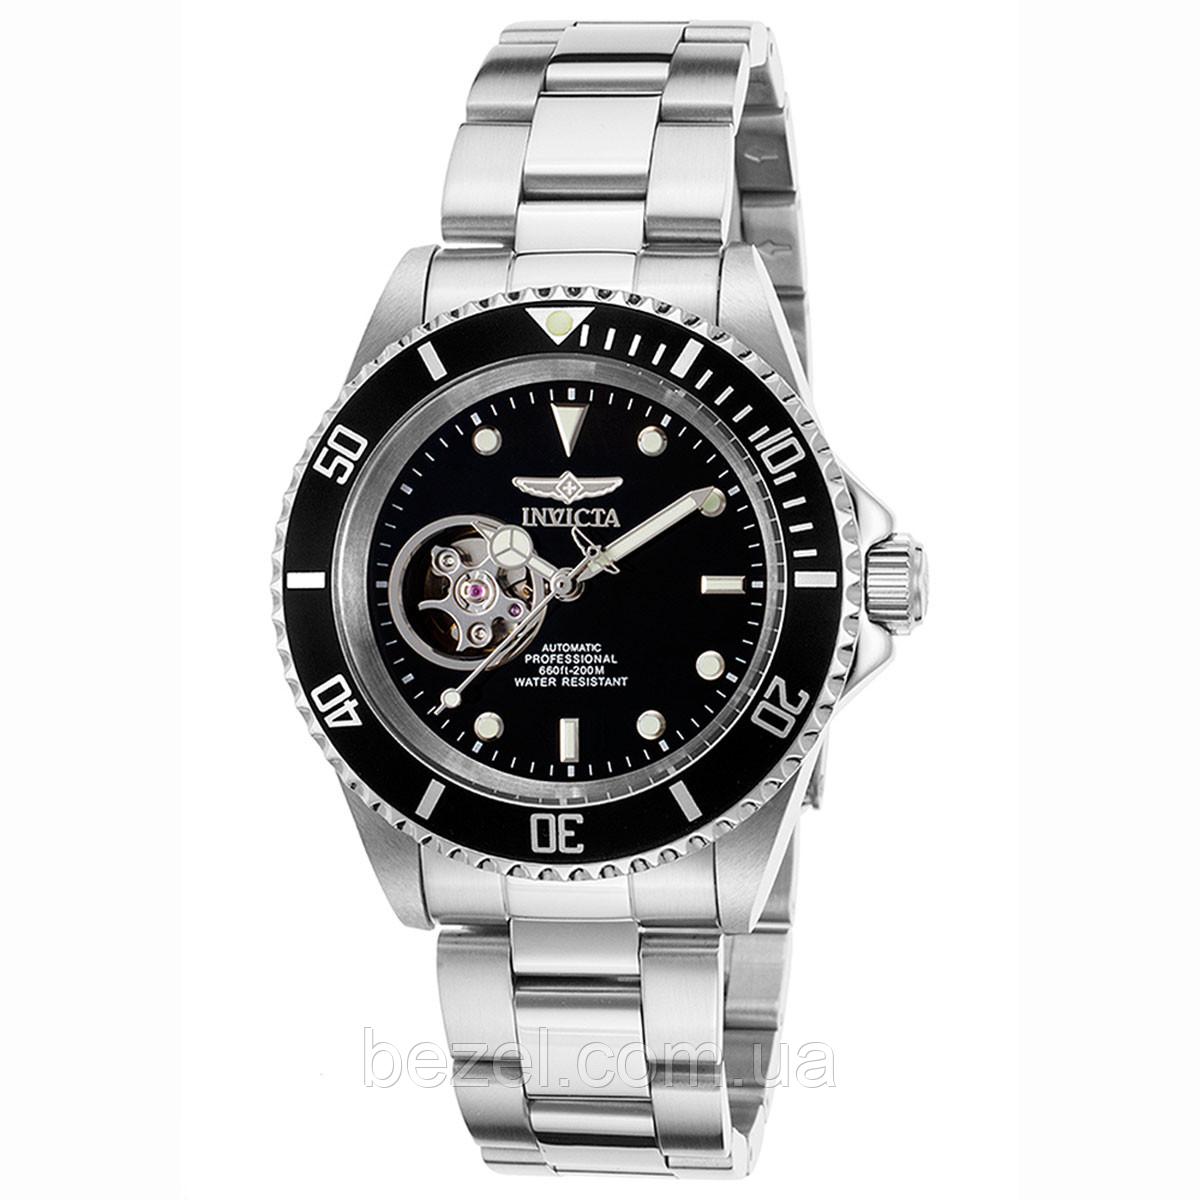 Мужские часы Invicta Pro Diver 20433 Инвикта дайвер водонепроницаемые  швейцарские для дайвинга 4124bae5444